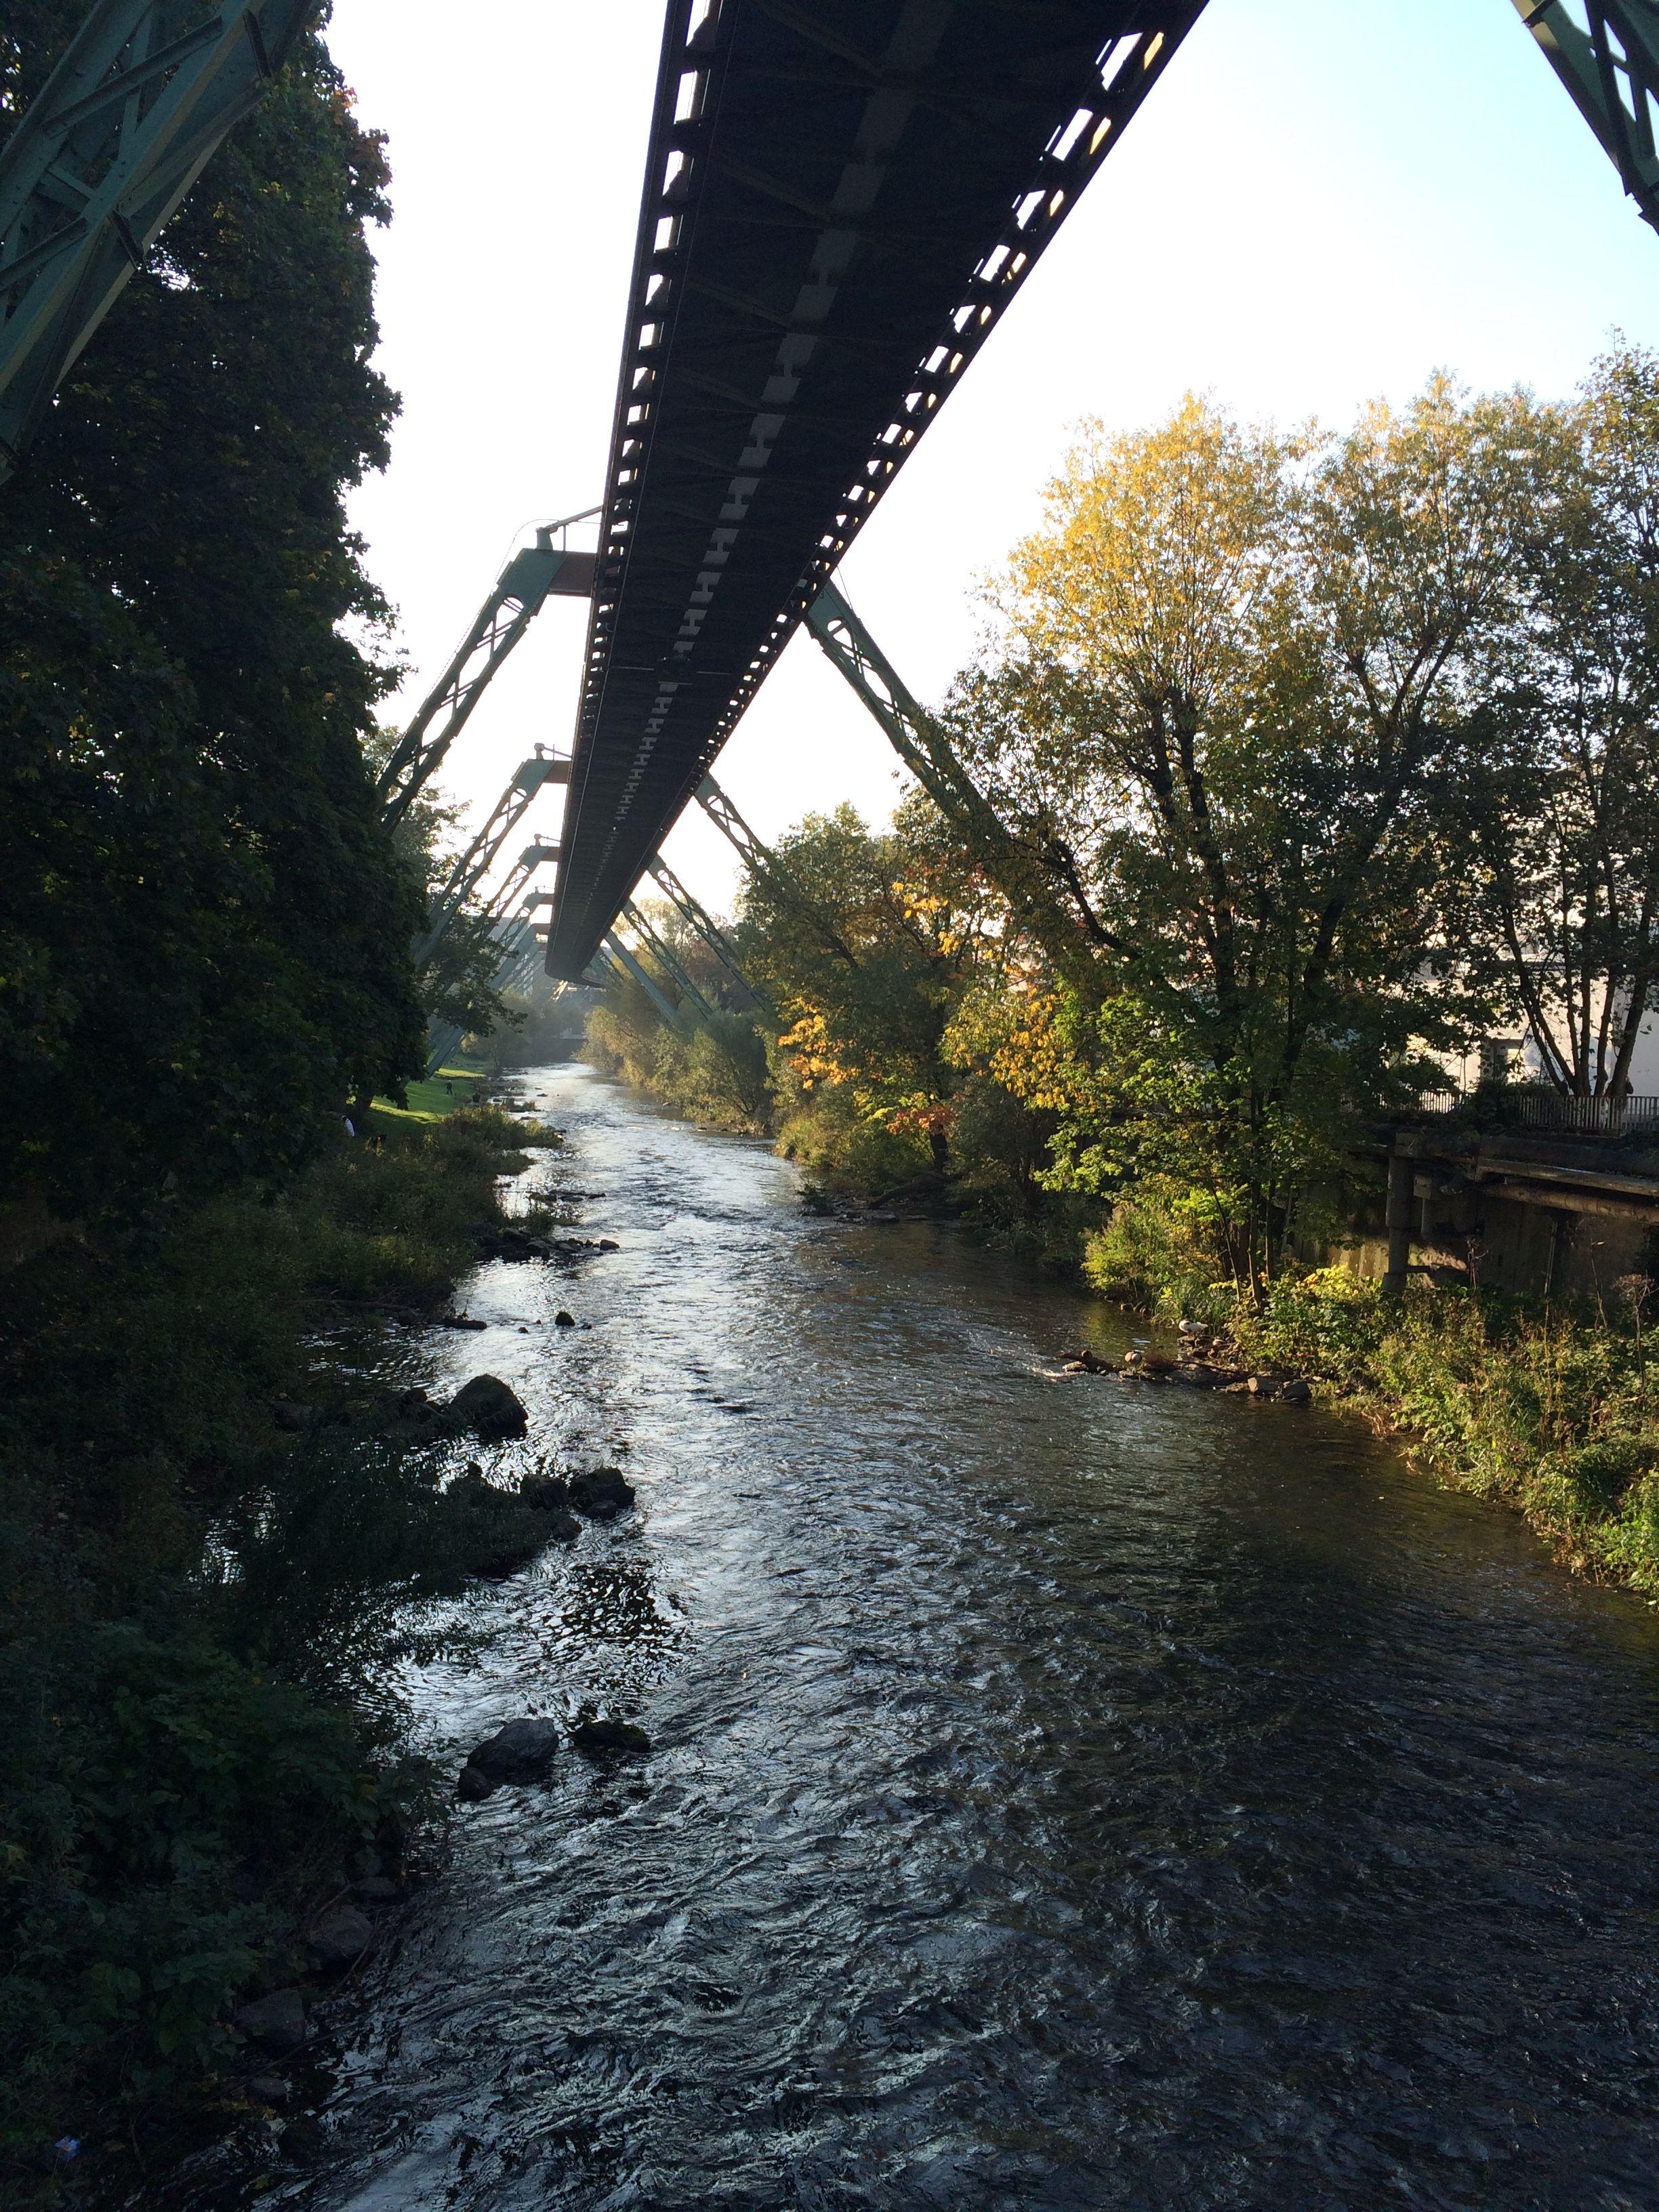 Schwebebahn Wuppertal Germany Wuppertal Wuppertal Germany Reisen